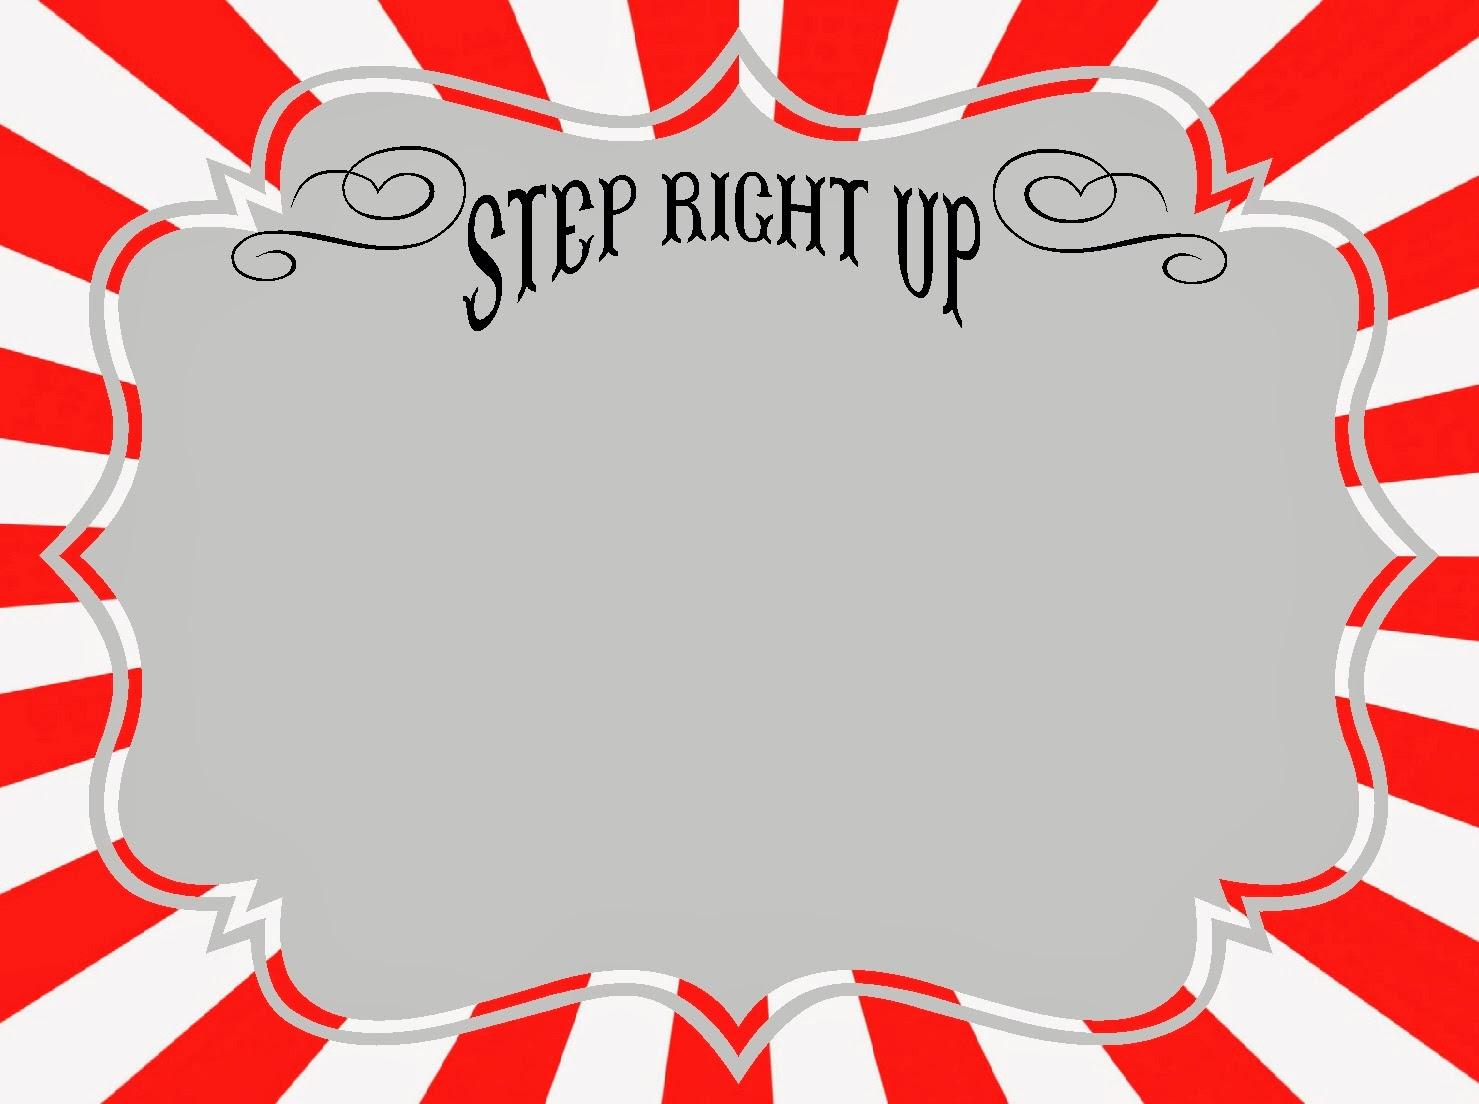 circus sign template -#main